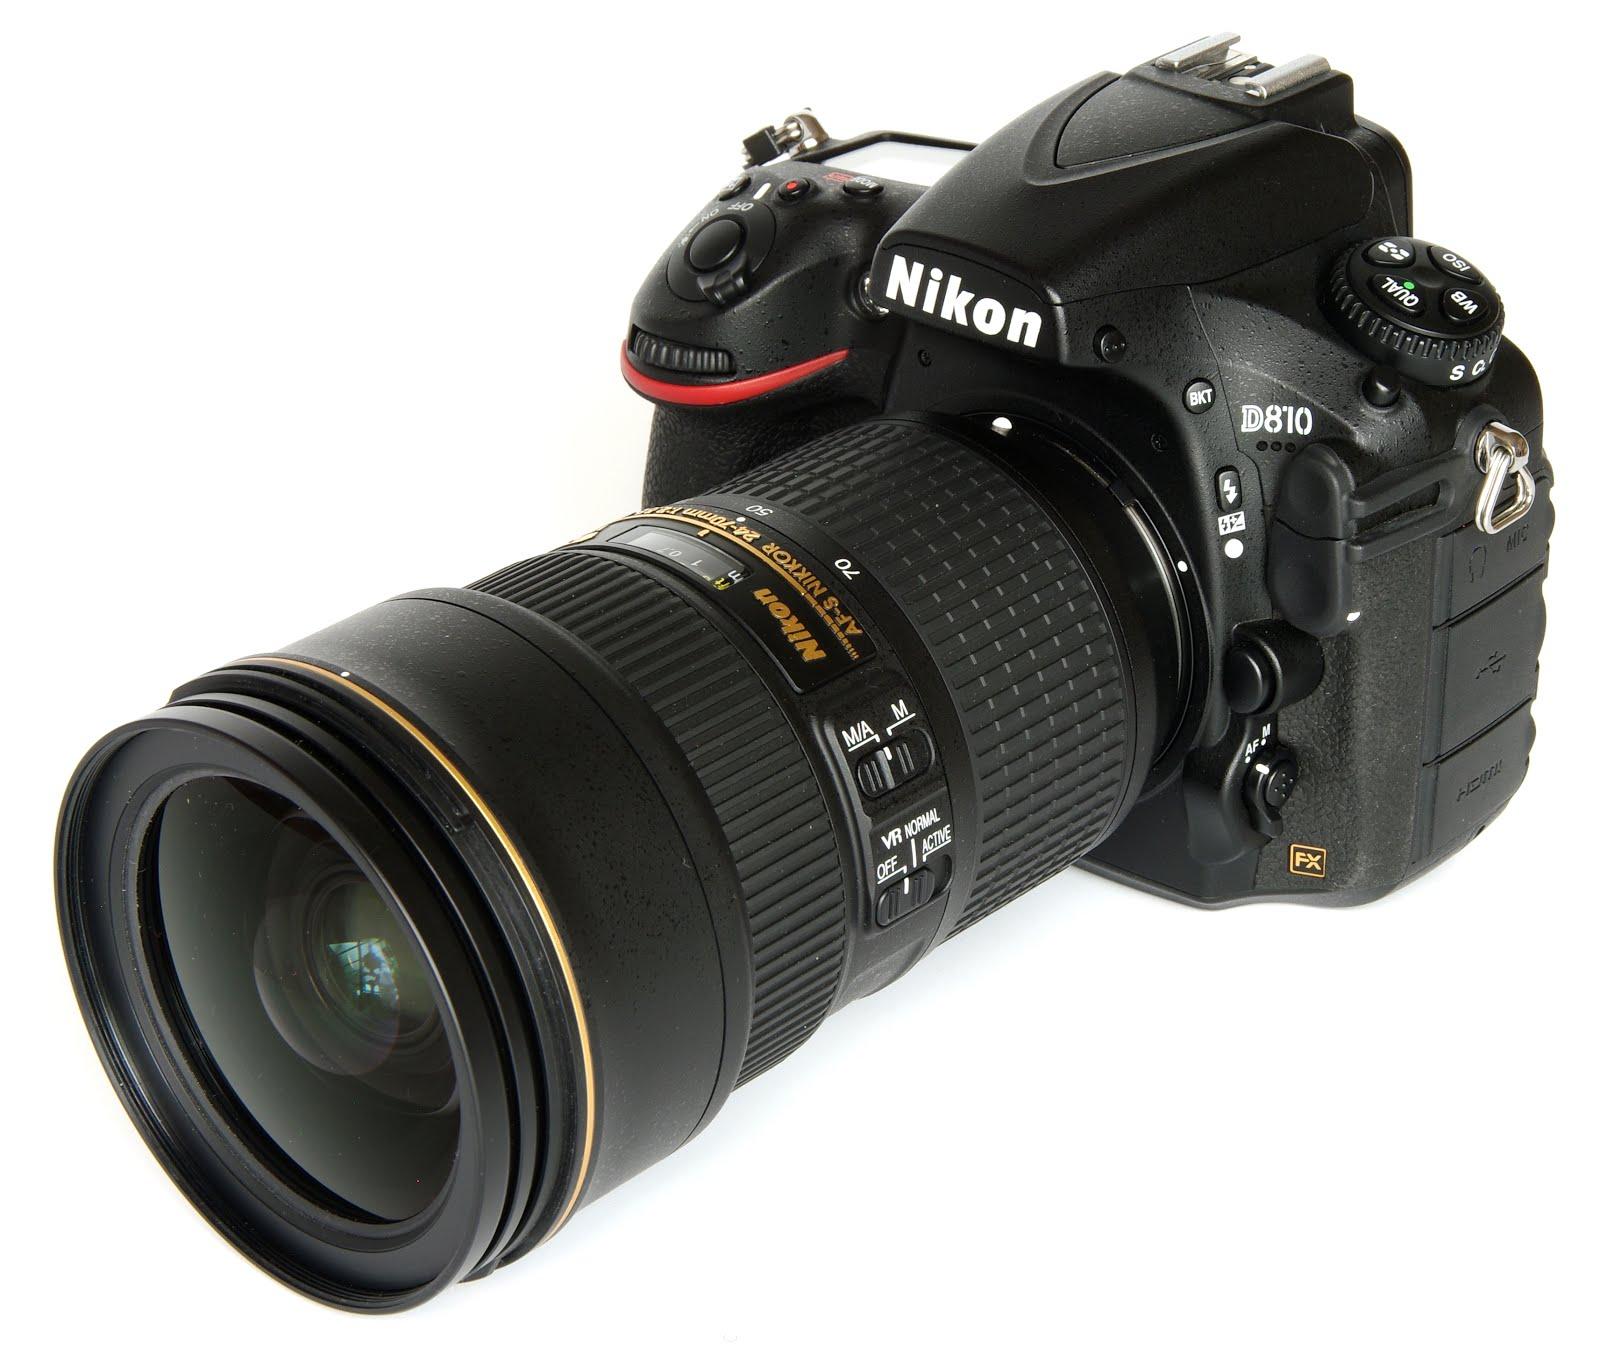 Nikon D810 in Nikon AF-S Nikkor 24-70mm f/2.8G VR Lens